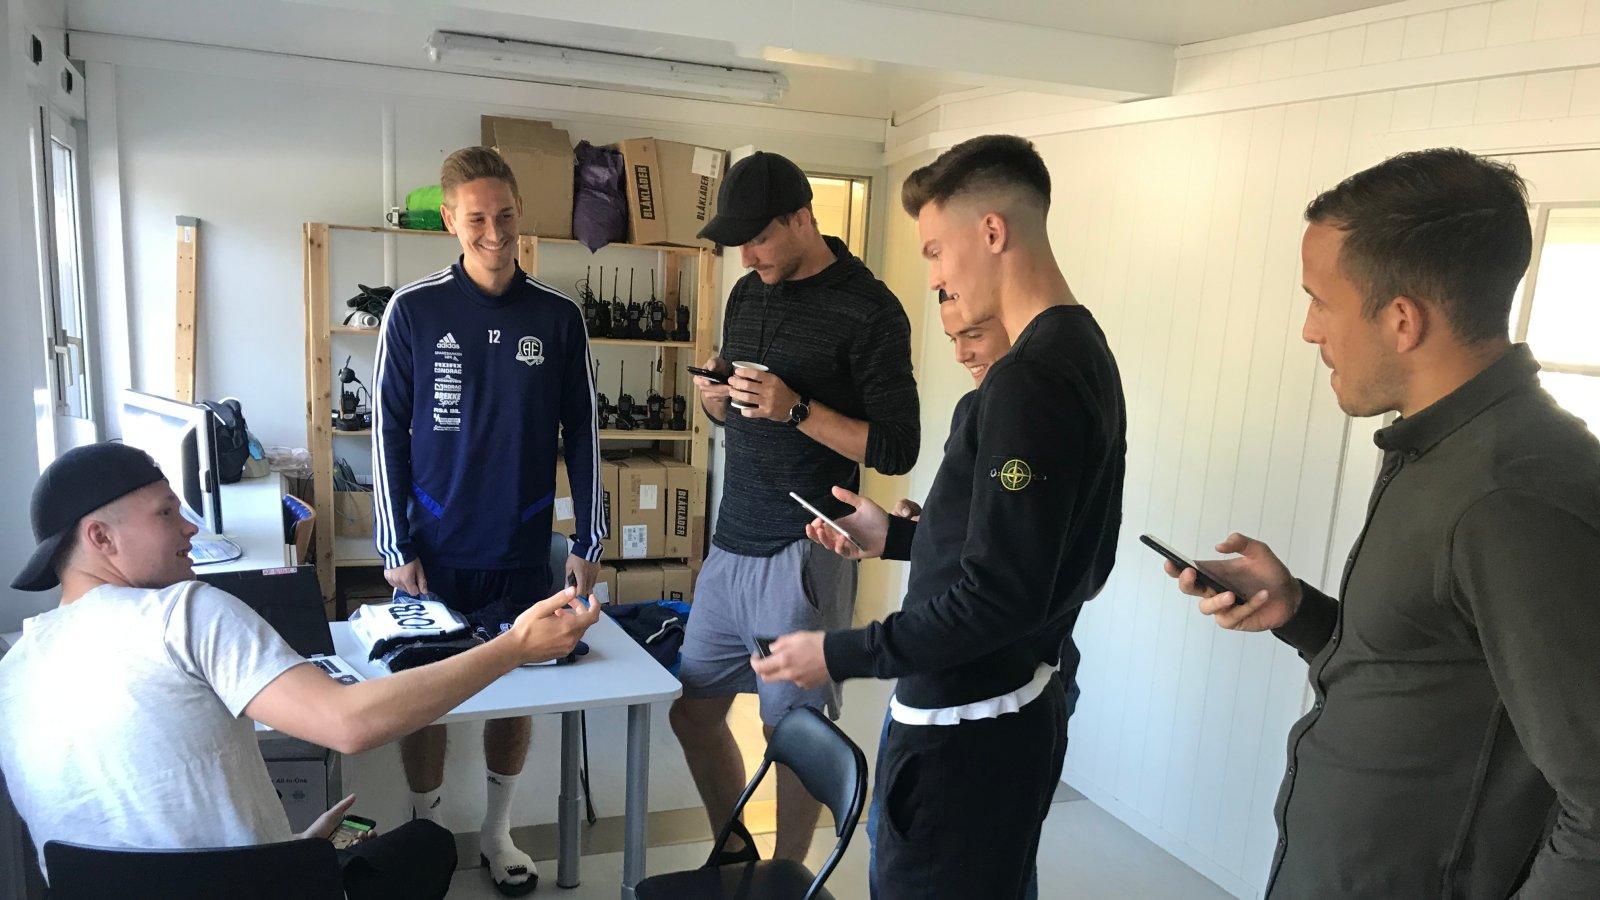 Fabian Ness er knallhard botsjef. Andreas Bruhn Christensen, Sune Kiilerich, Kim Kvaalen, Stian Michalsen og Dejan Corovic står i kø for å betale.